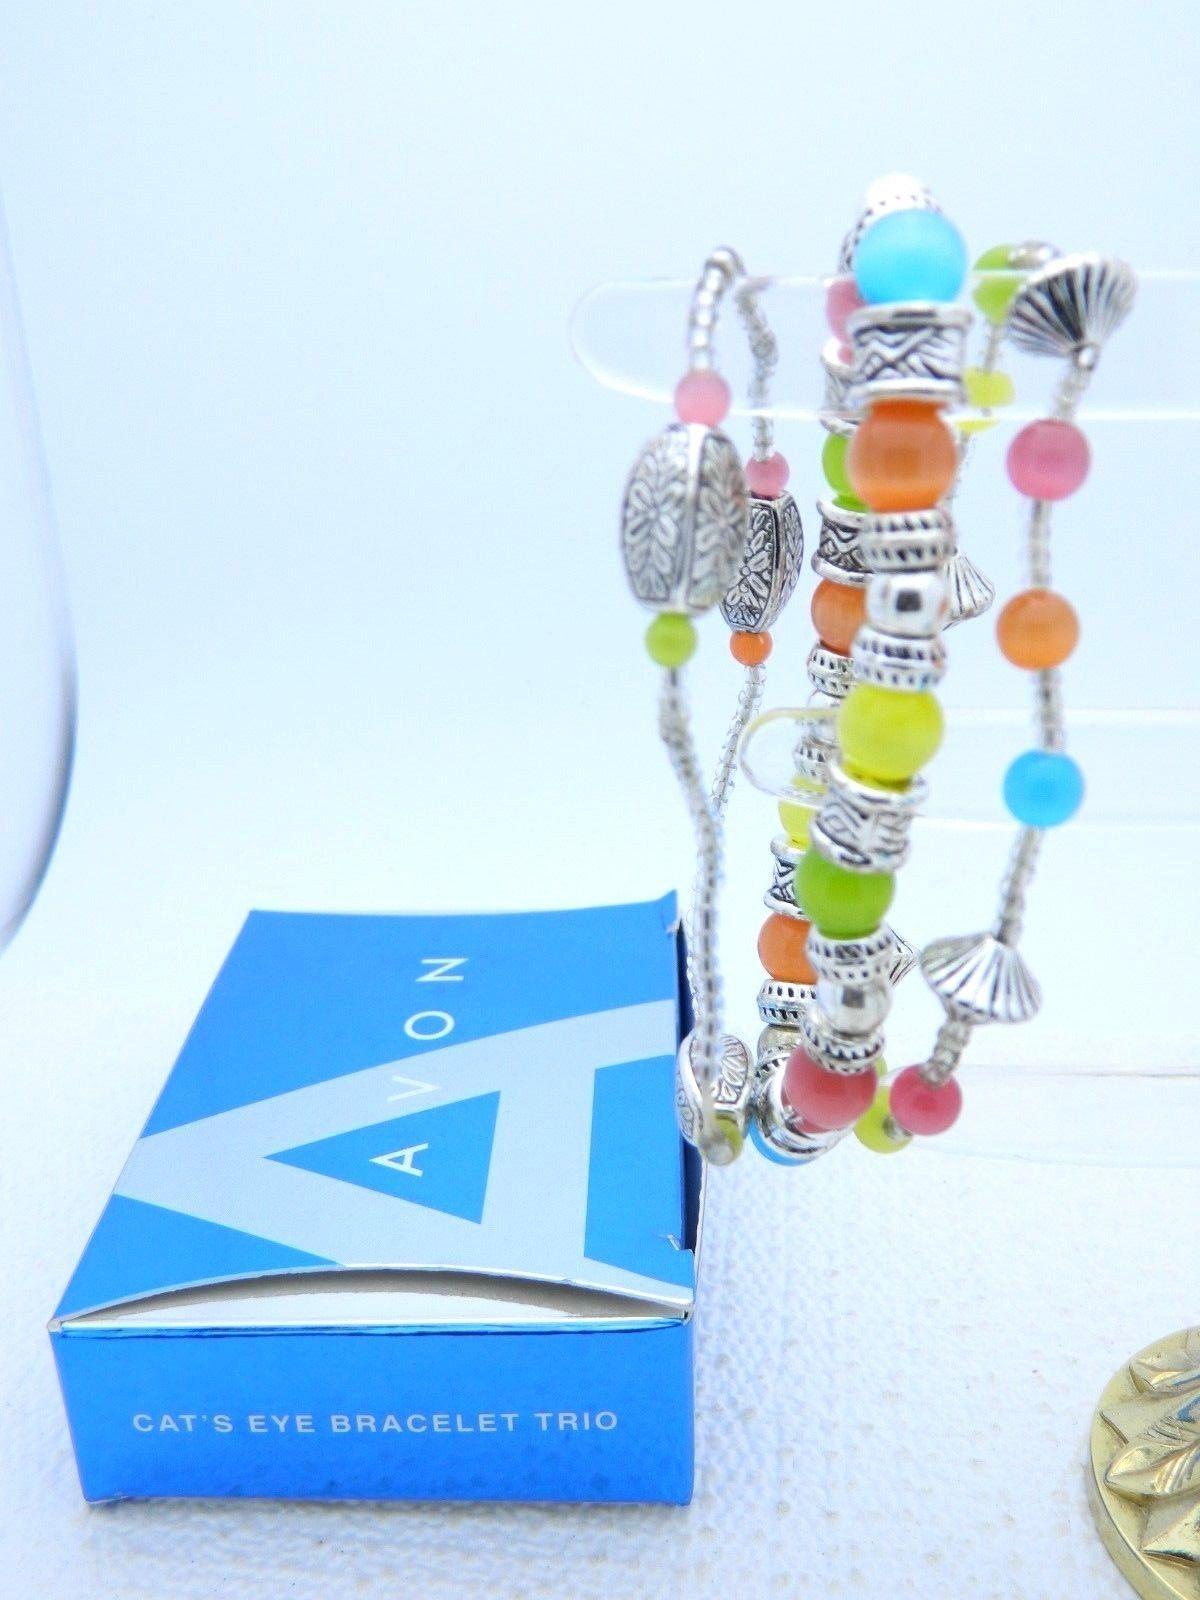 VTG 2007 AVON Cat's Eye Bracelet Trio Silver Tone Multi-Color Elastic